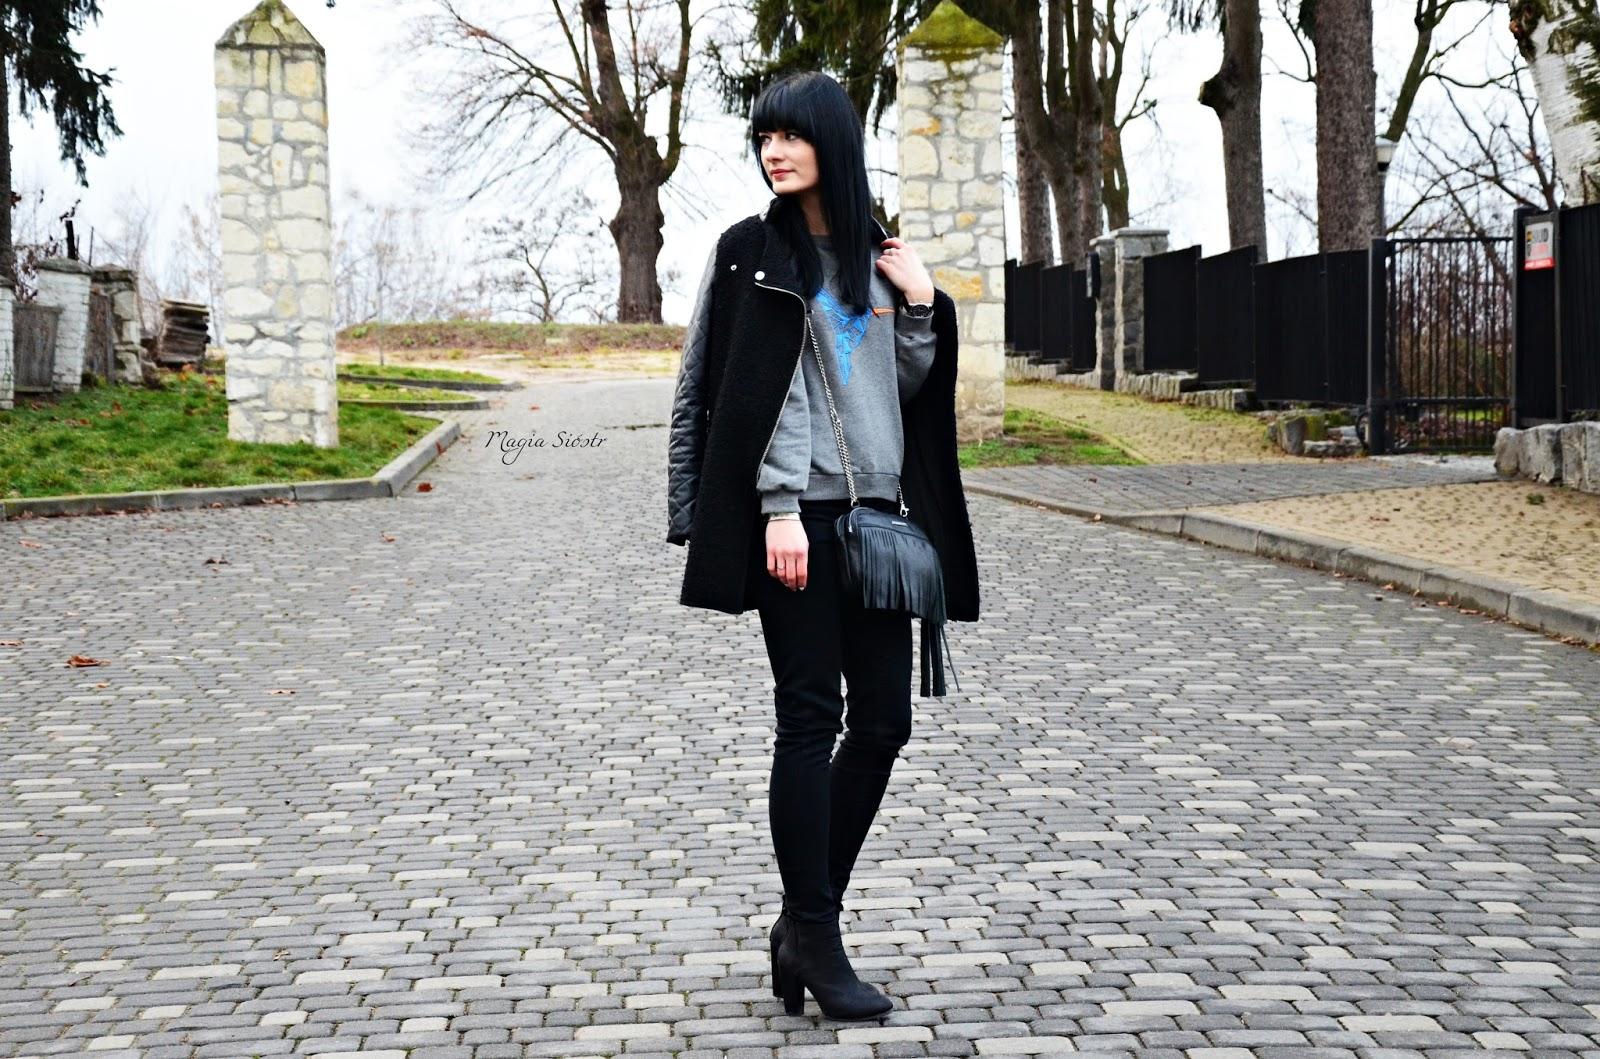 czarno-szara stylizacja, stylizacja na co dzień, dresowa bluza